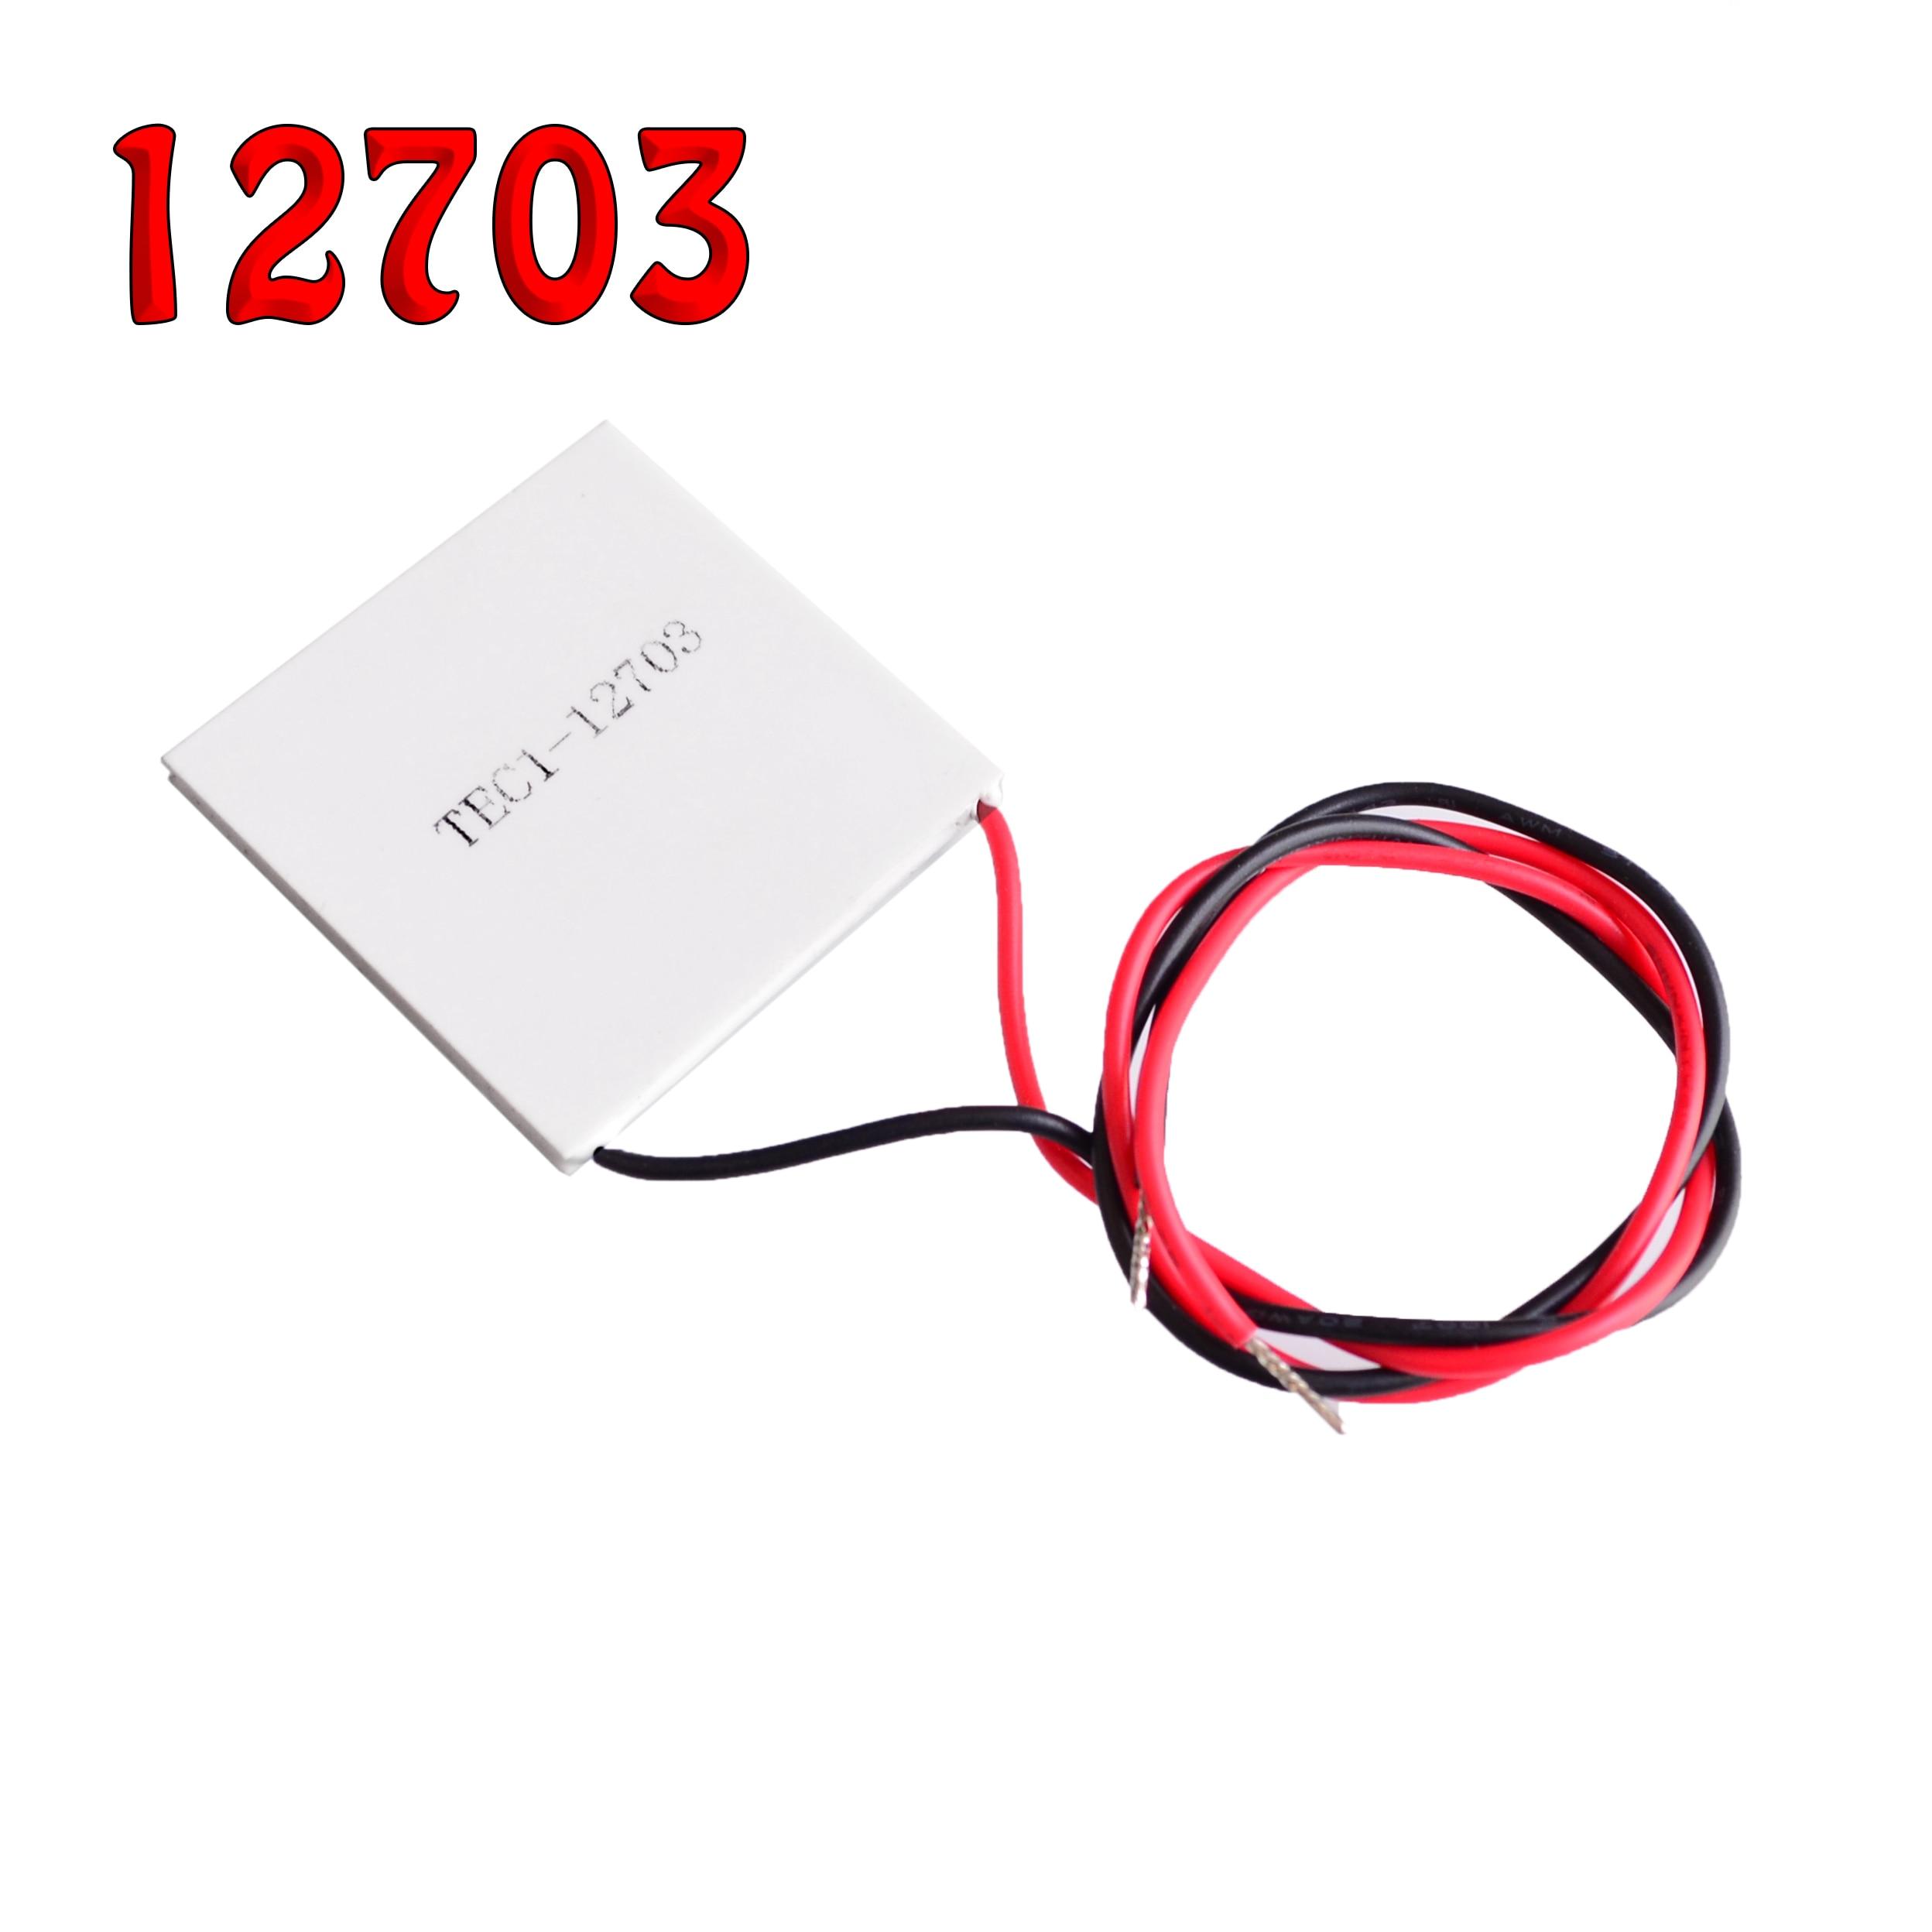 TEC1-12703 12706 12709 12710 12715 SP1848-27145 Thermoelectric Cooler Peltier 12V 5A Cells Peltier Elemente Module